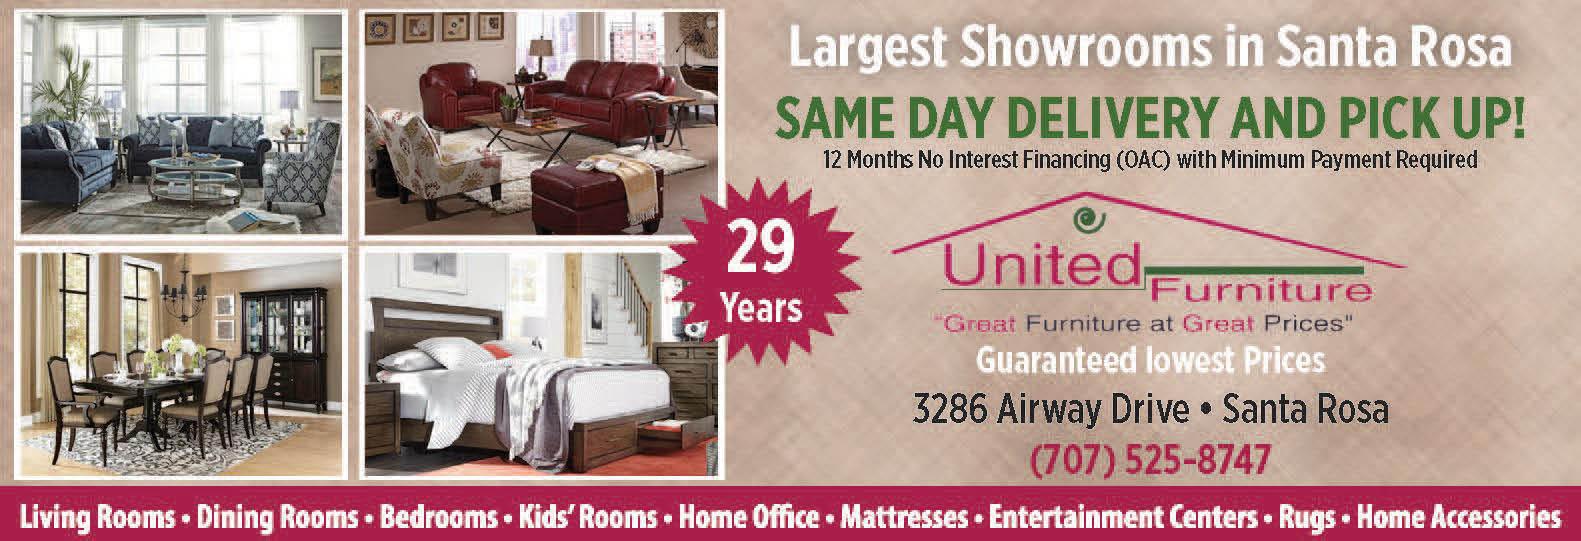 United Furniture Santa Rosa In Santa Rosa CA Local Coupons - Bedroom furniture santa rosa ca